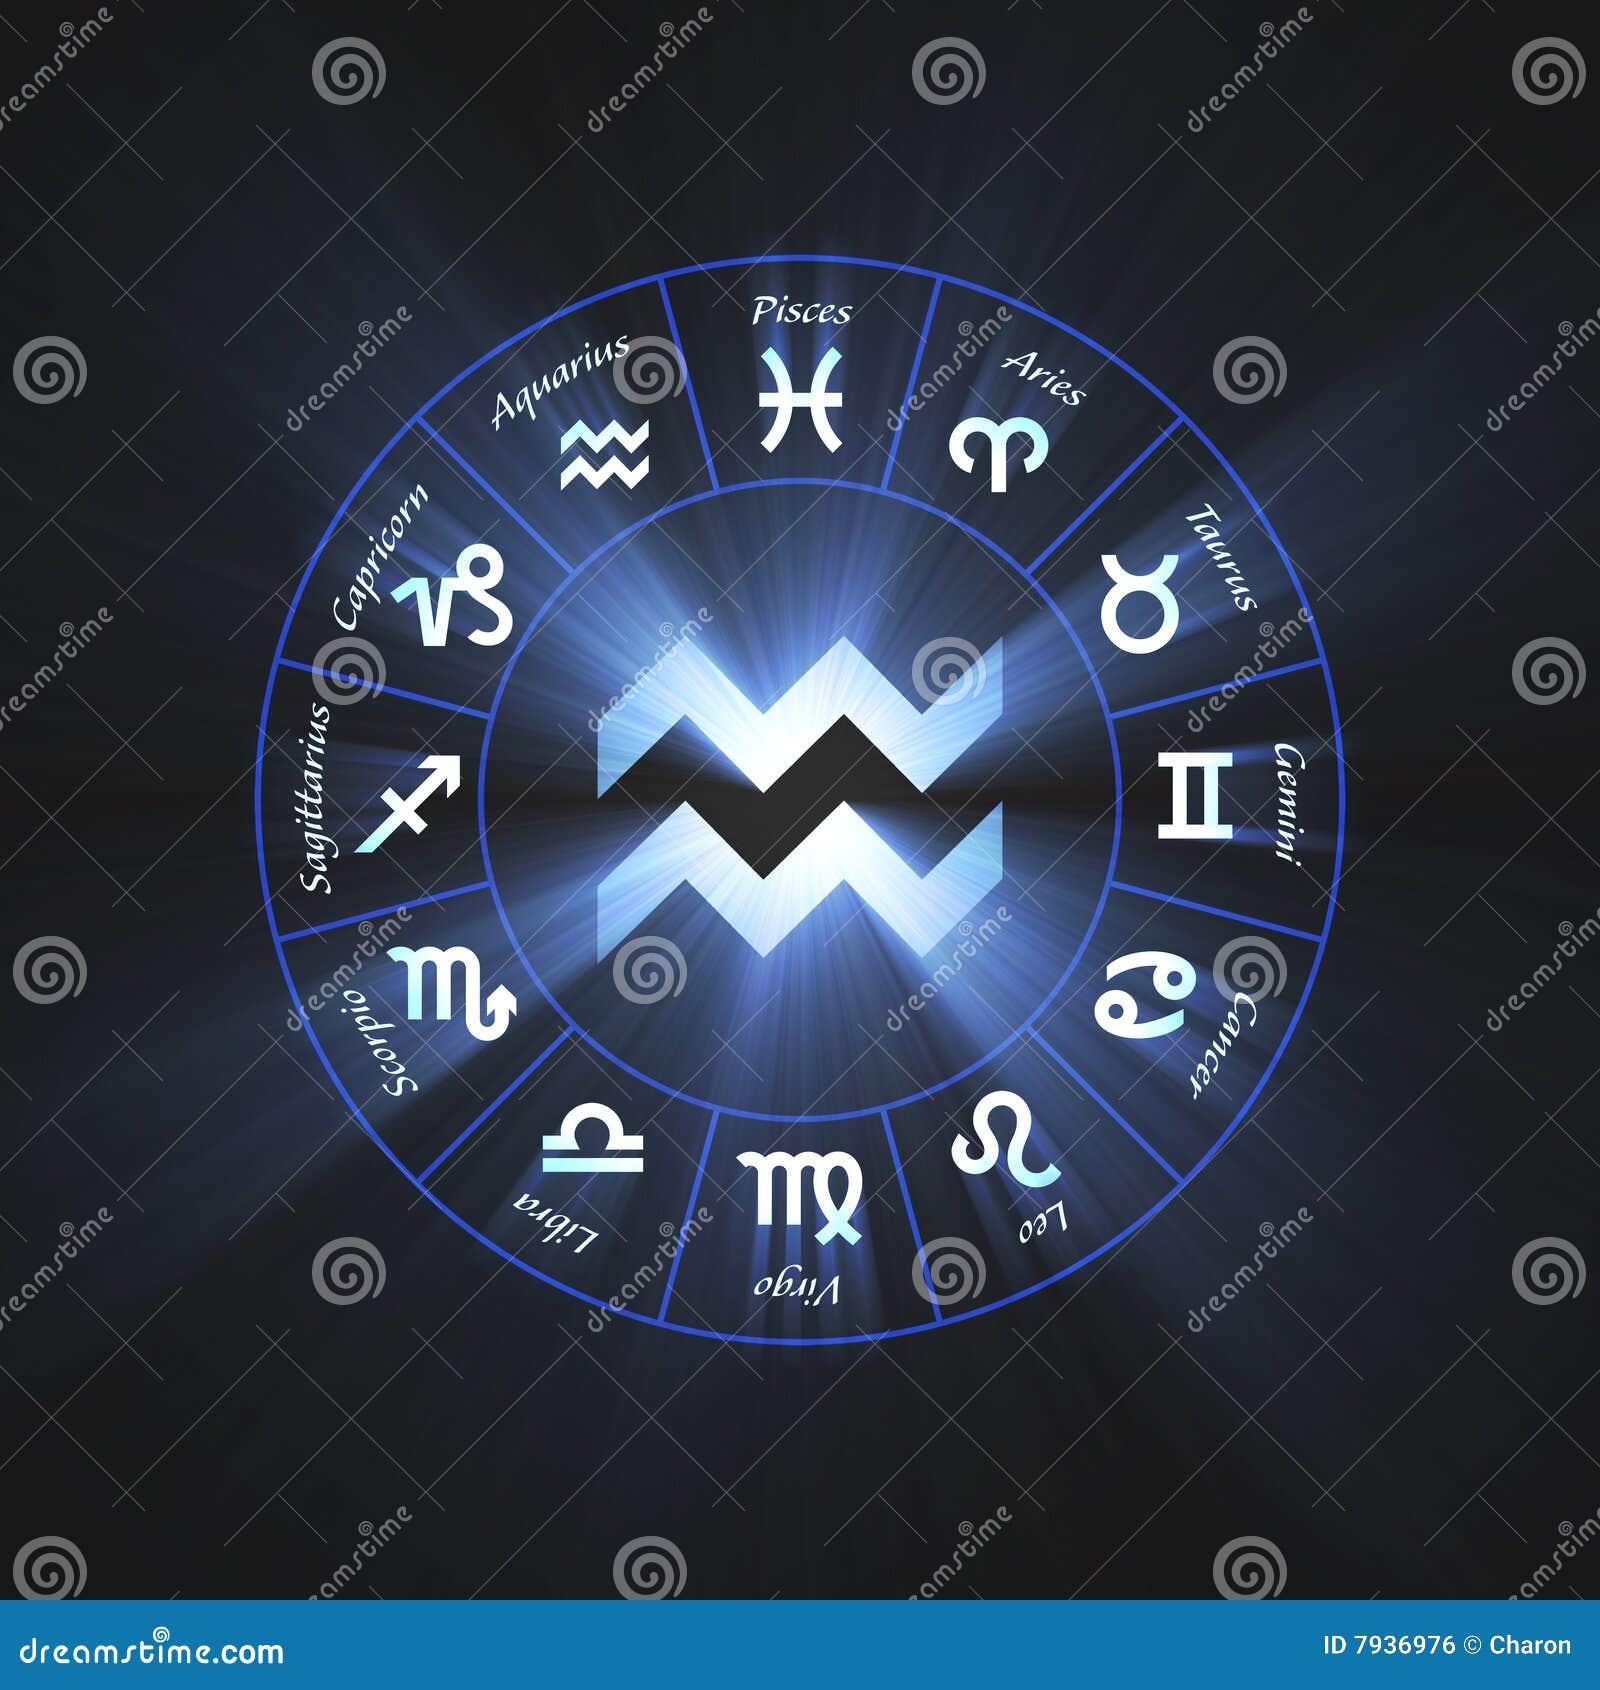 Aquarius Symbol Astrology symbol aquarius flare